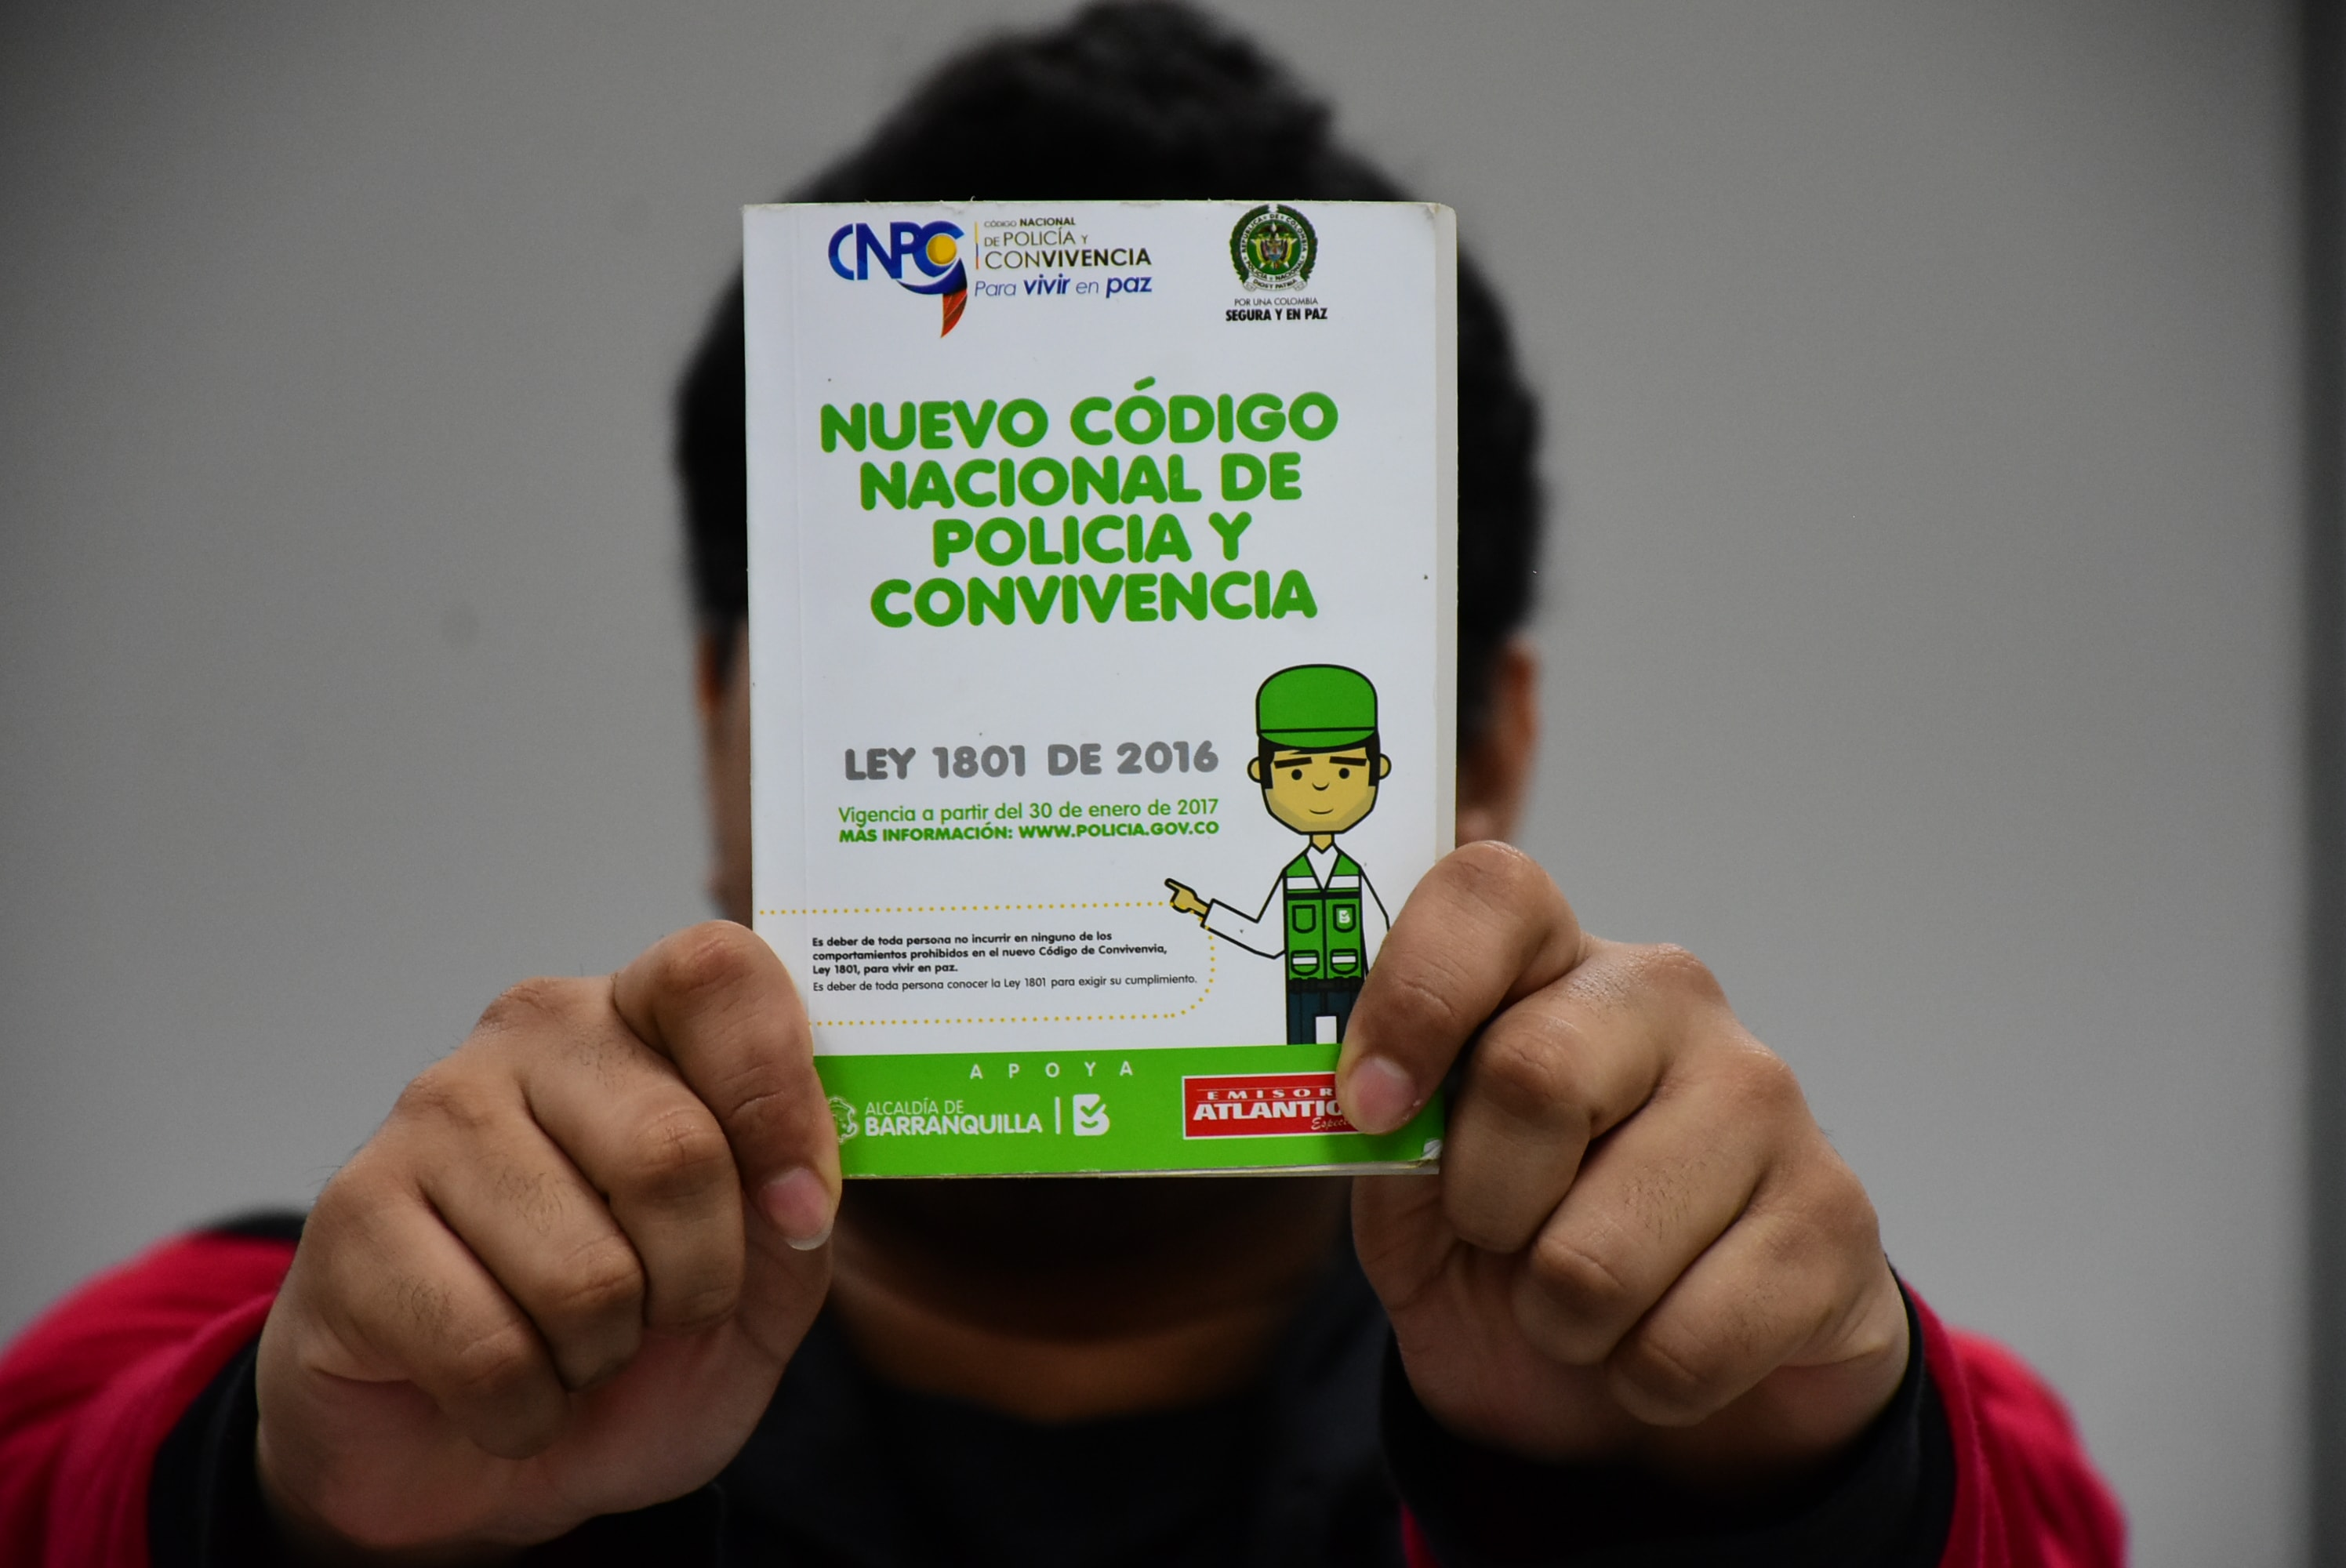 Código de Policía y Convivencia Barranquilla